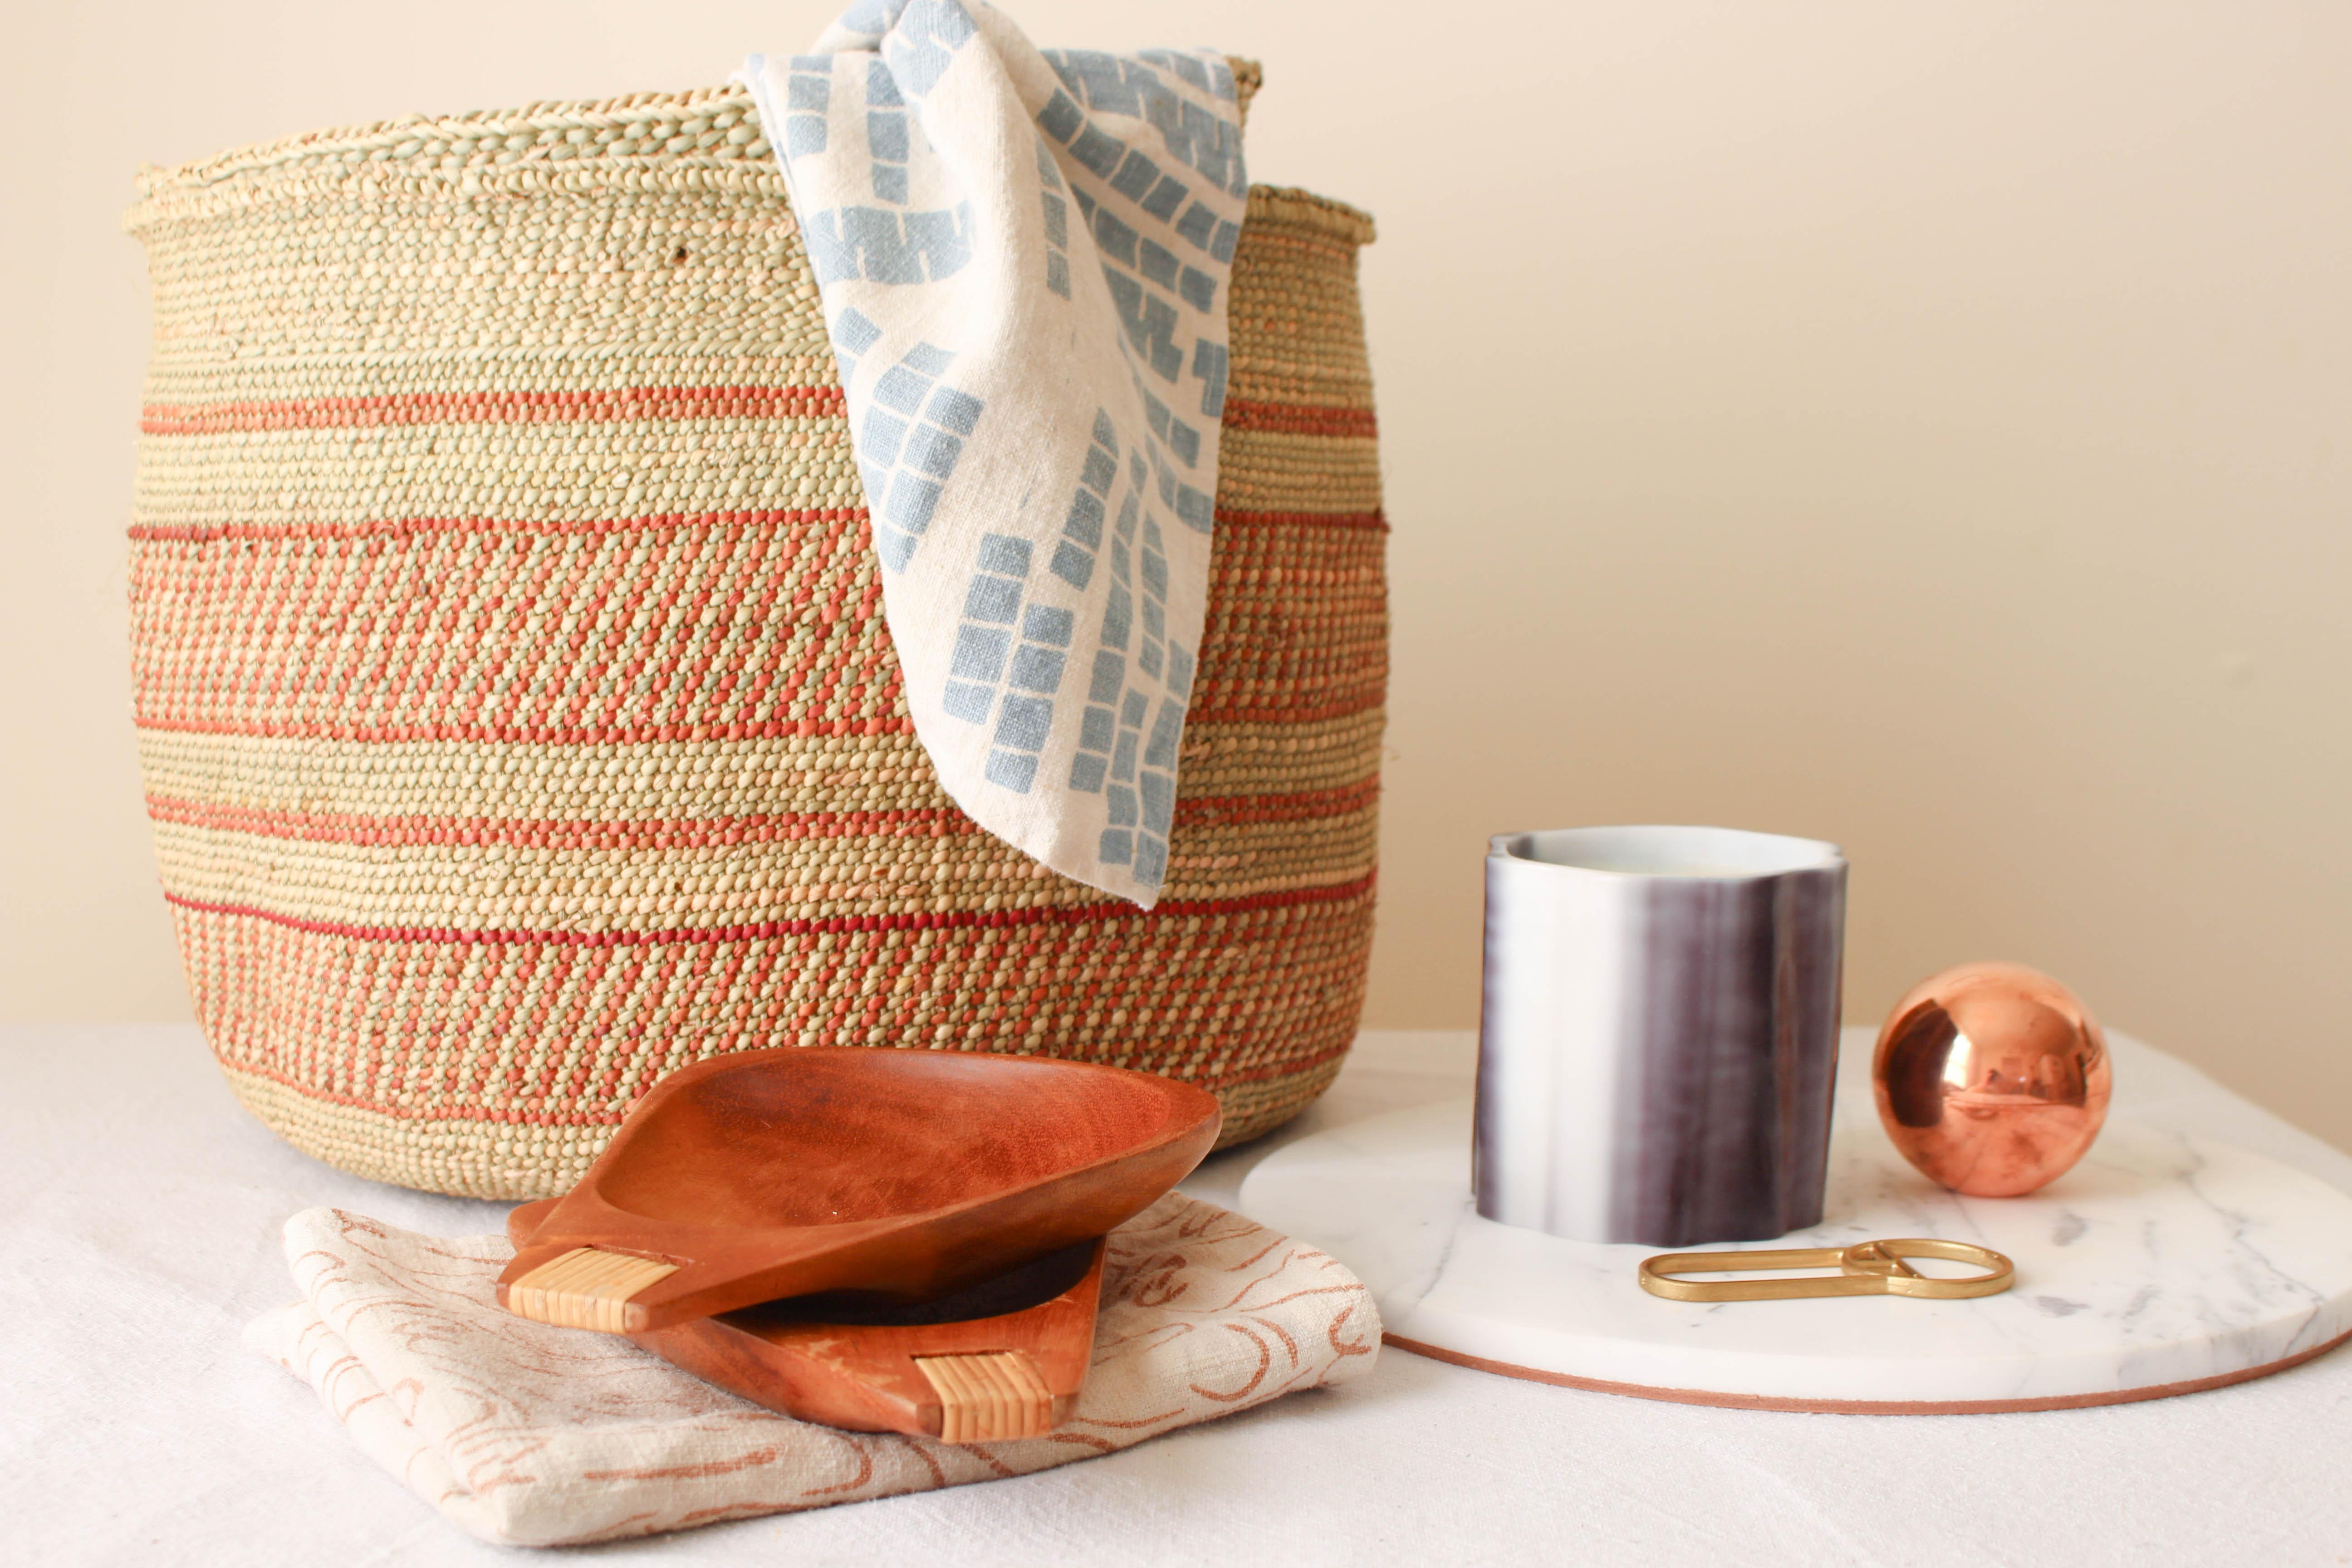 Wood Fiber Clay